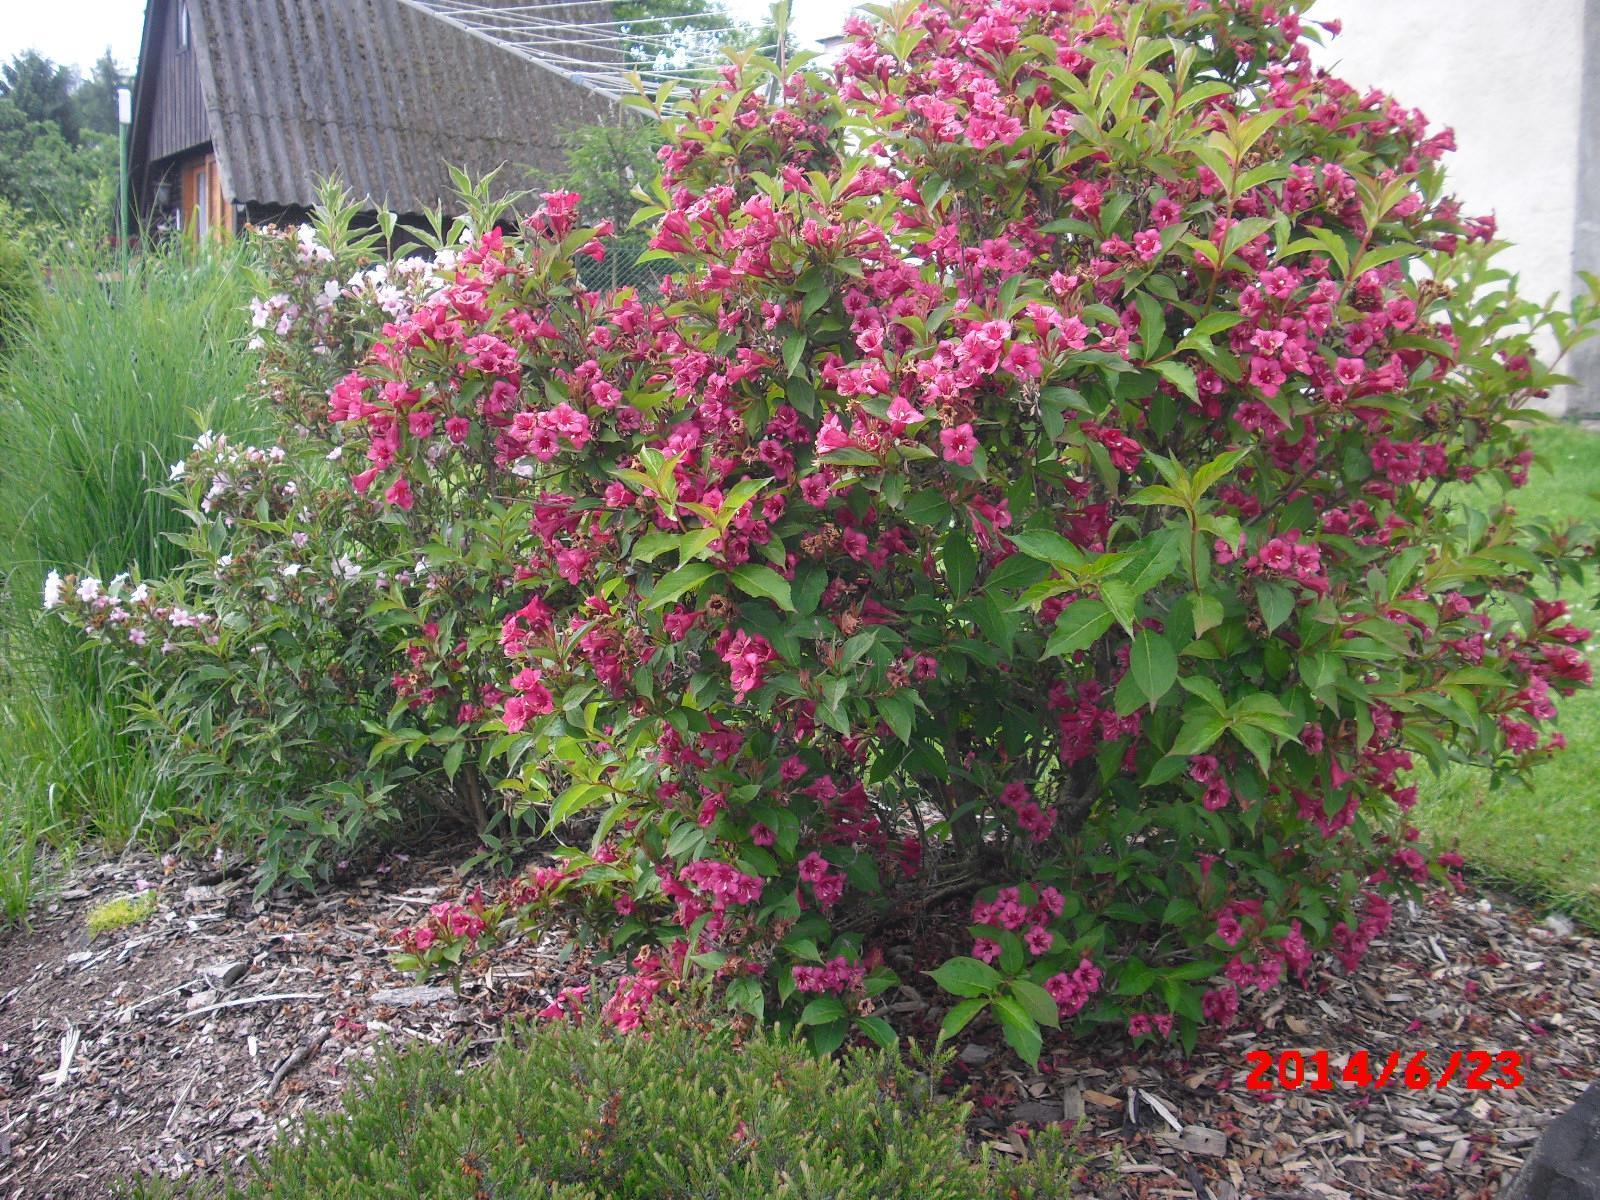 Zahrada a okolí - Obrázek č. 356